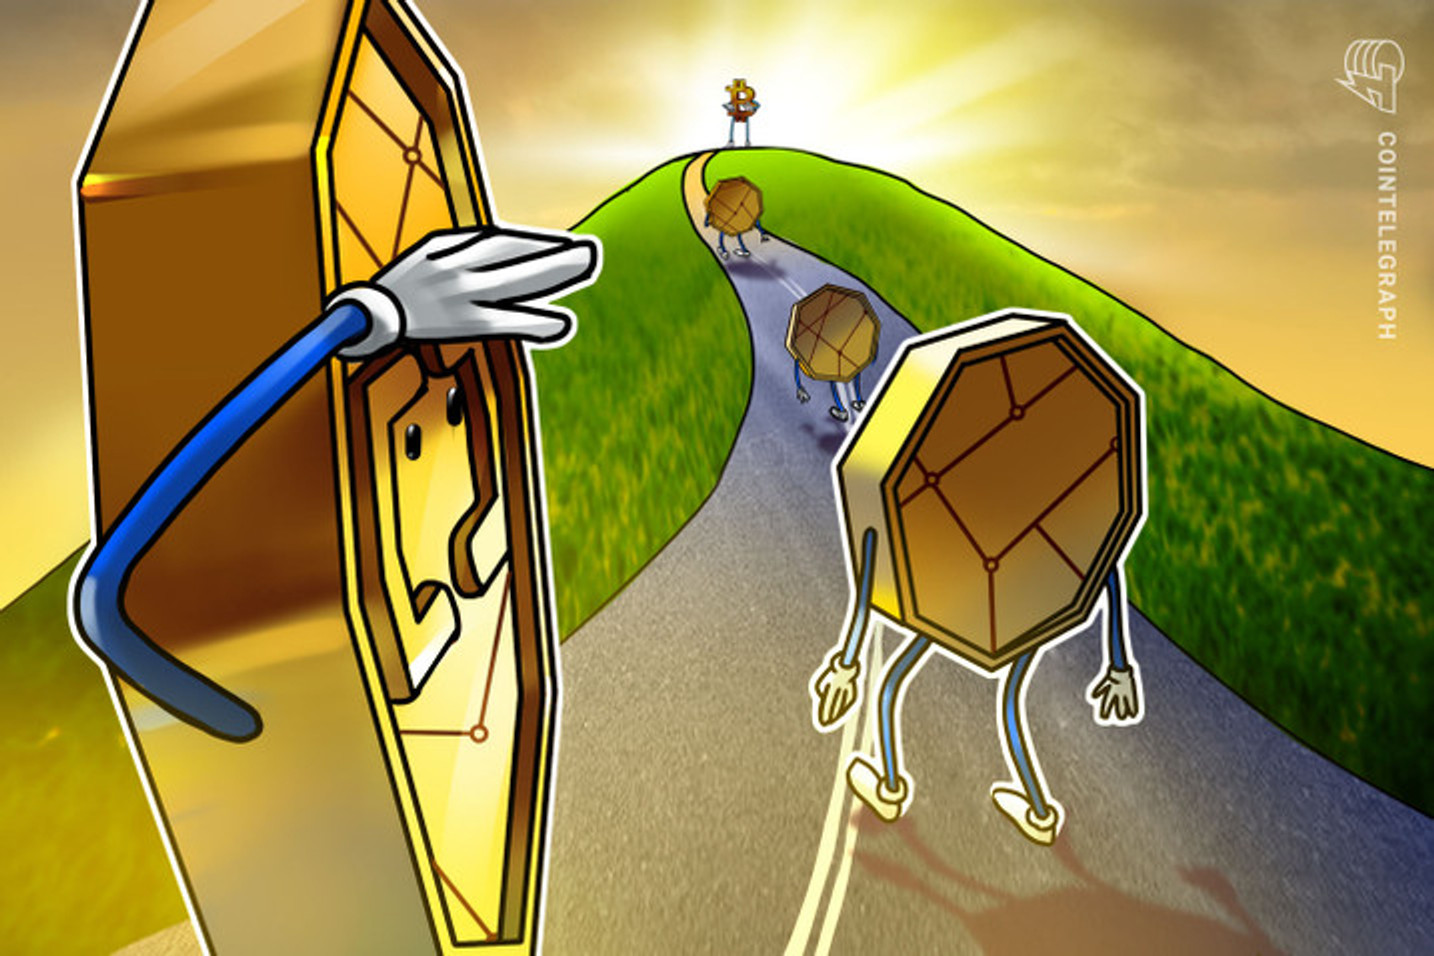 Melhor da Semana: Max Keiser decreta 'Bitcoin ou pobreza', denúncia contra a Binance no Brasil e o Bitcoin caindo em março